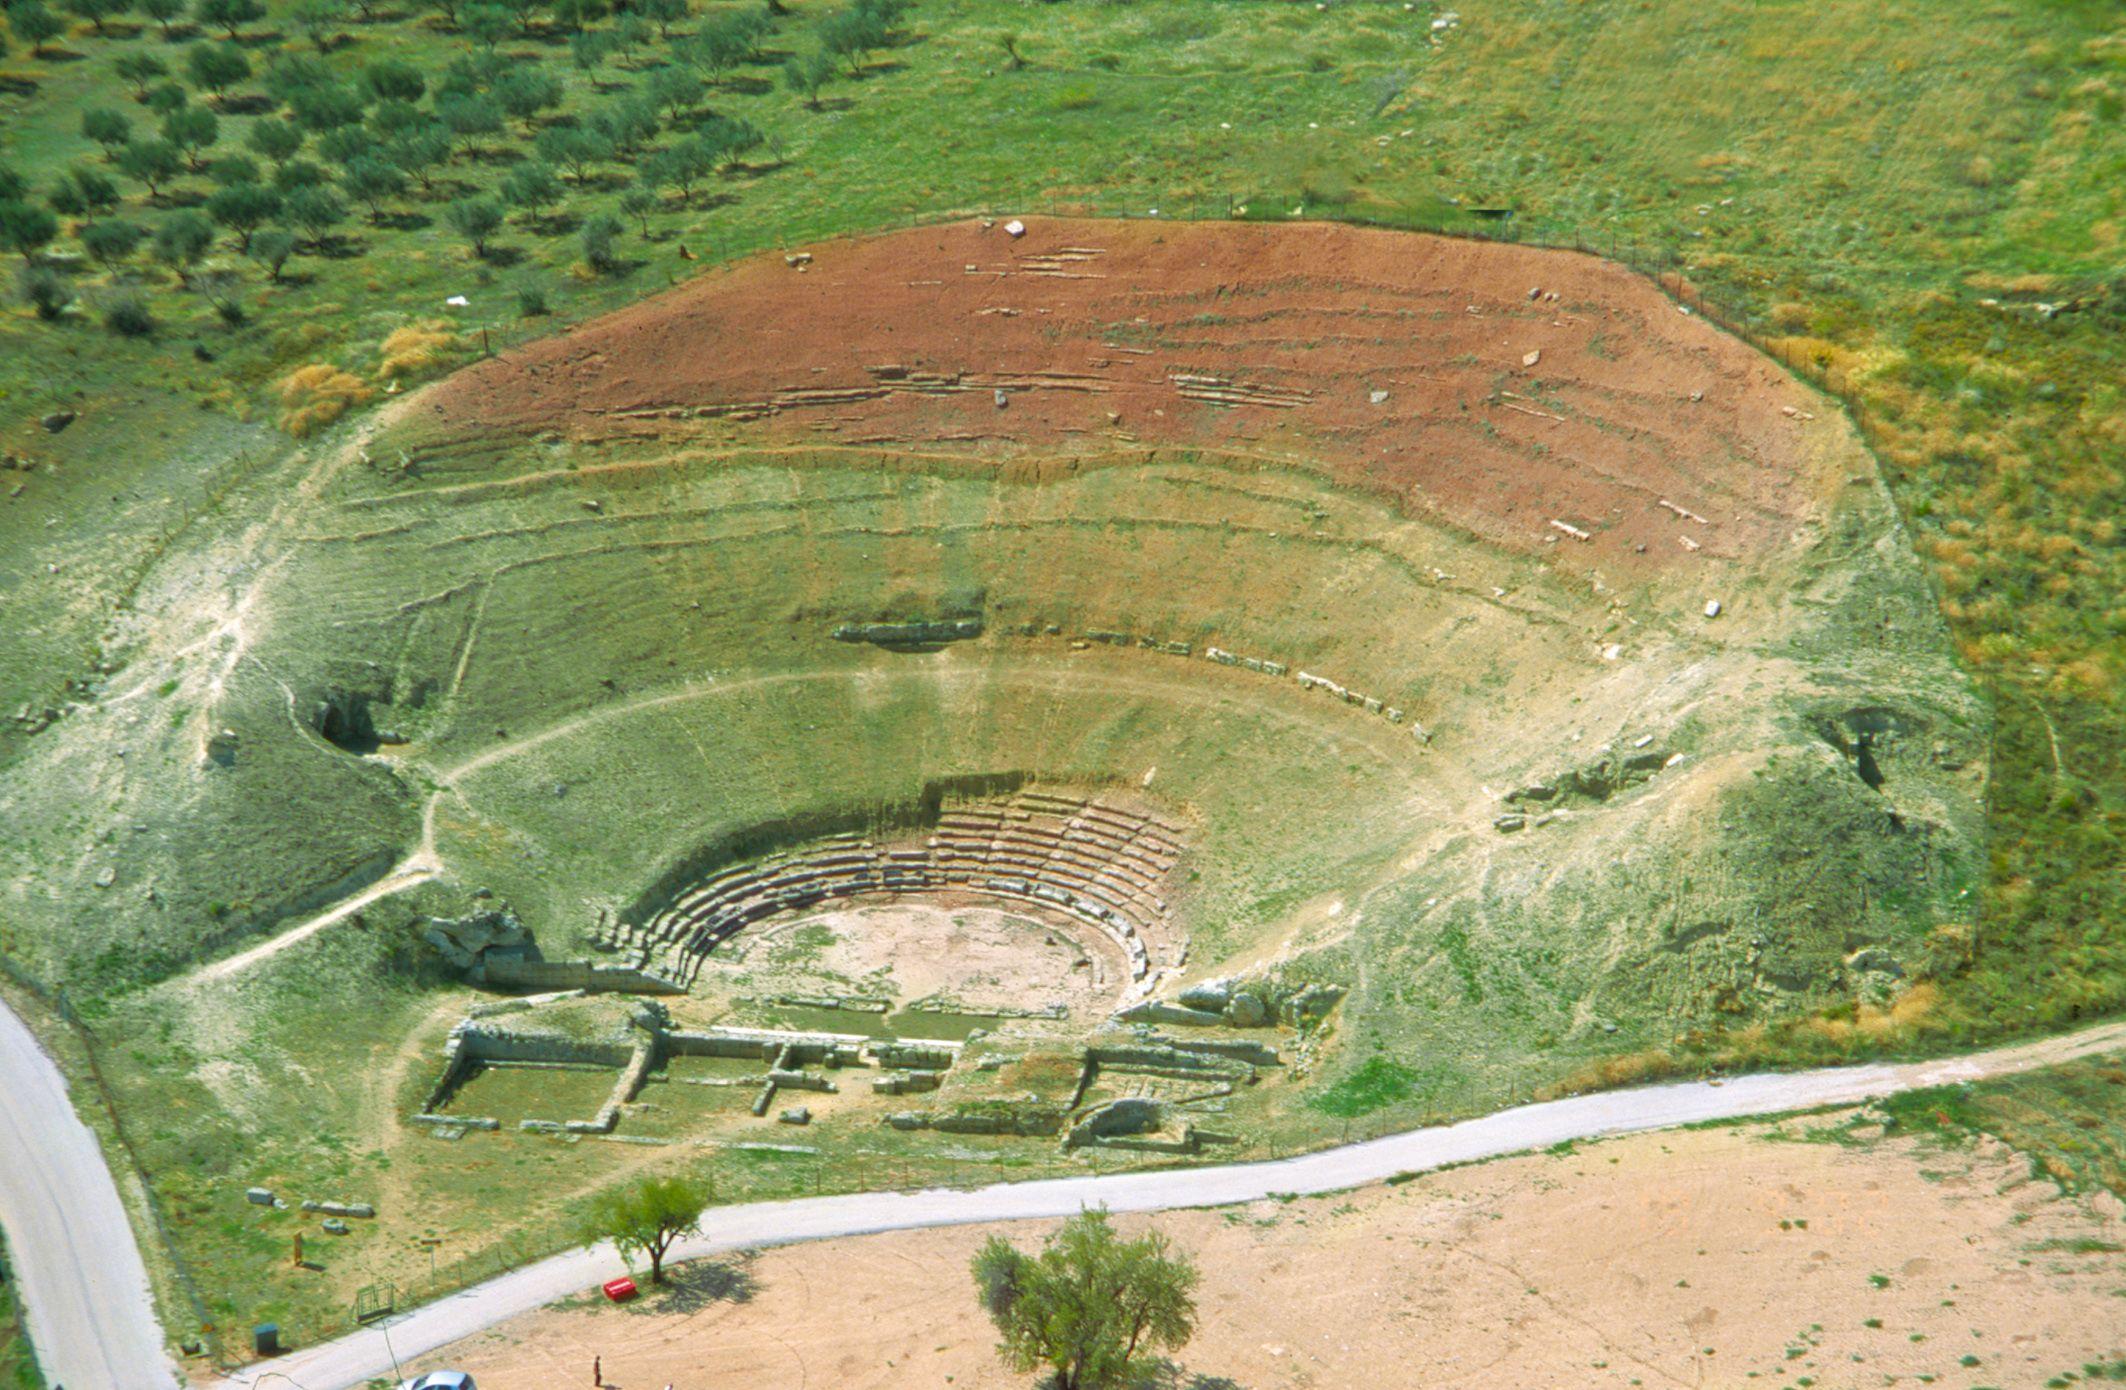 Σικυών Κορινθίας : Το περιώνυμο πνευματικό και καλλιτεχνικό κέντρο της αρχαιότητας